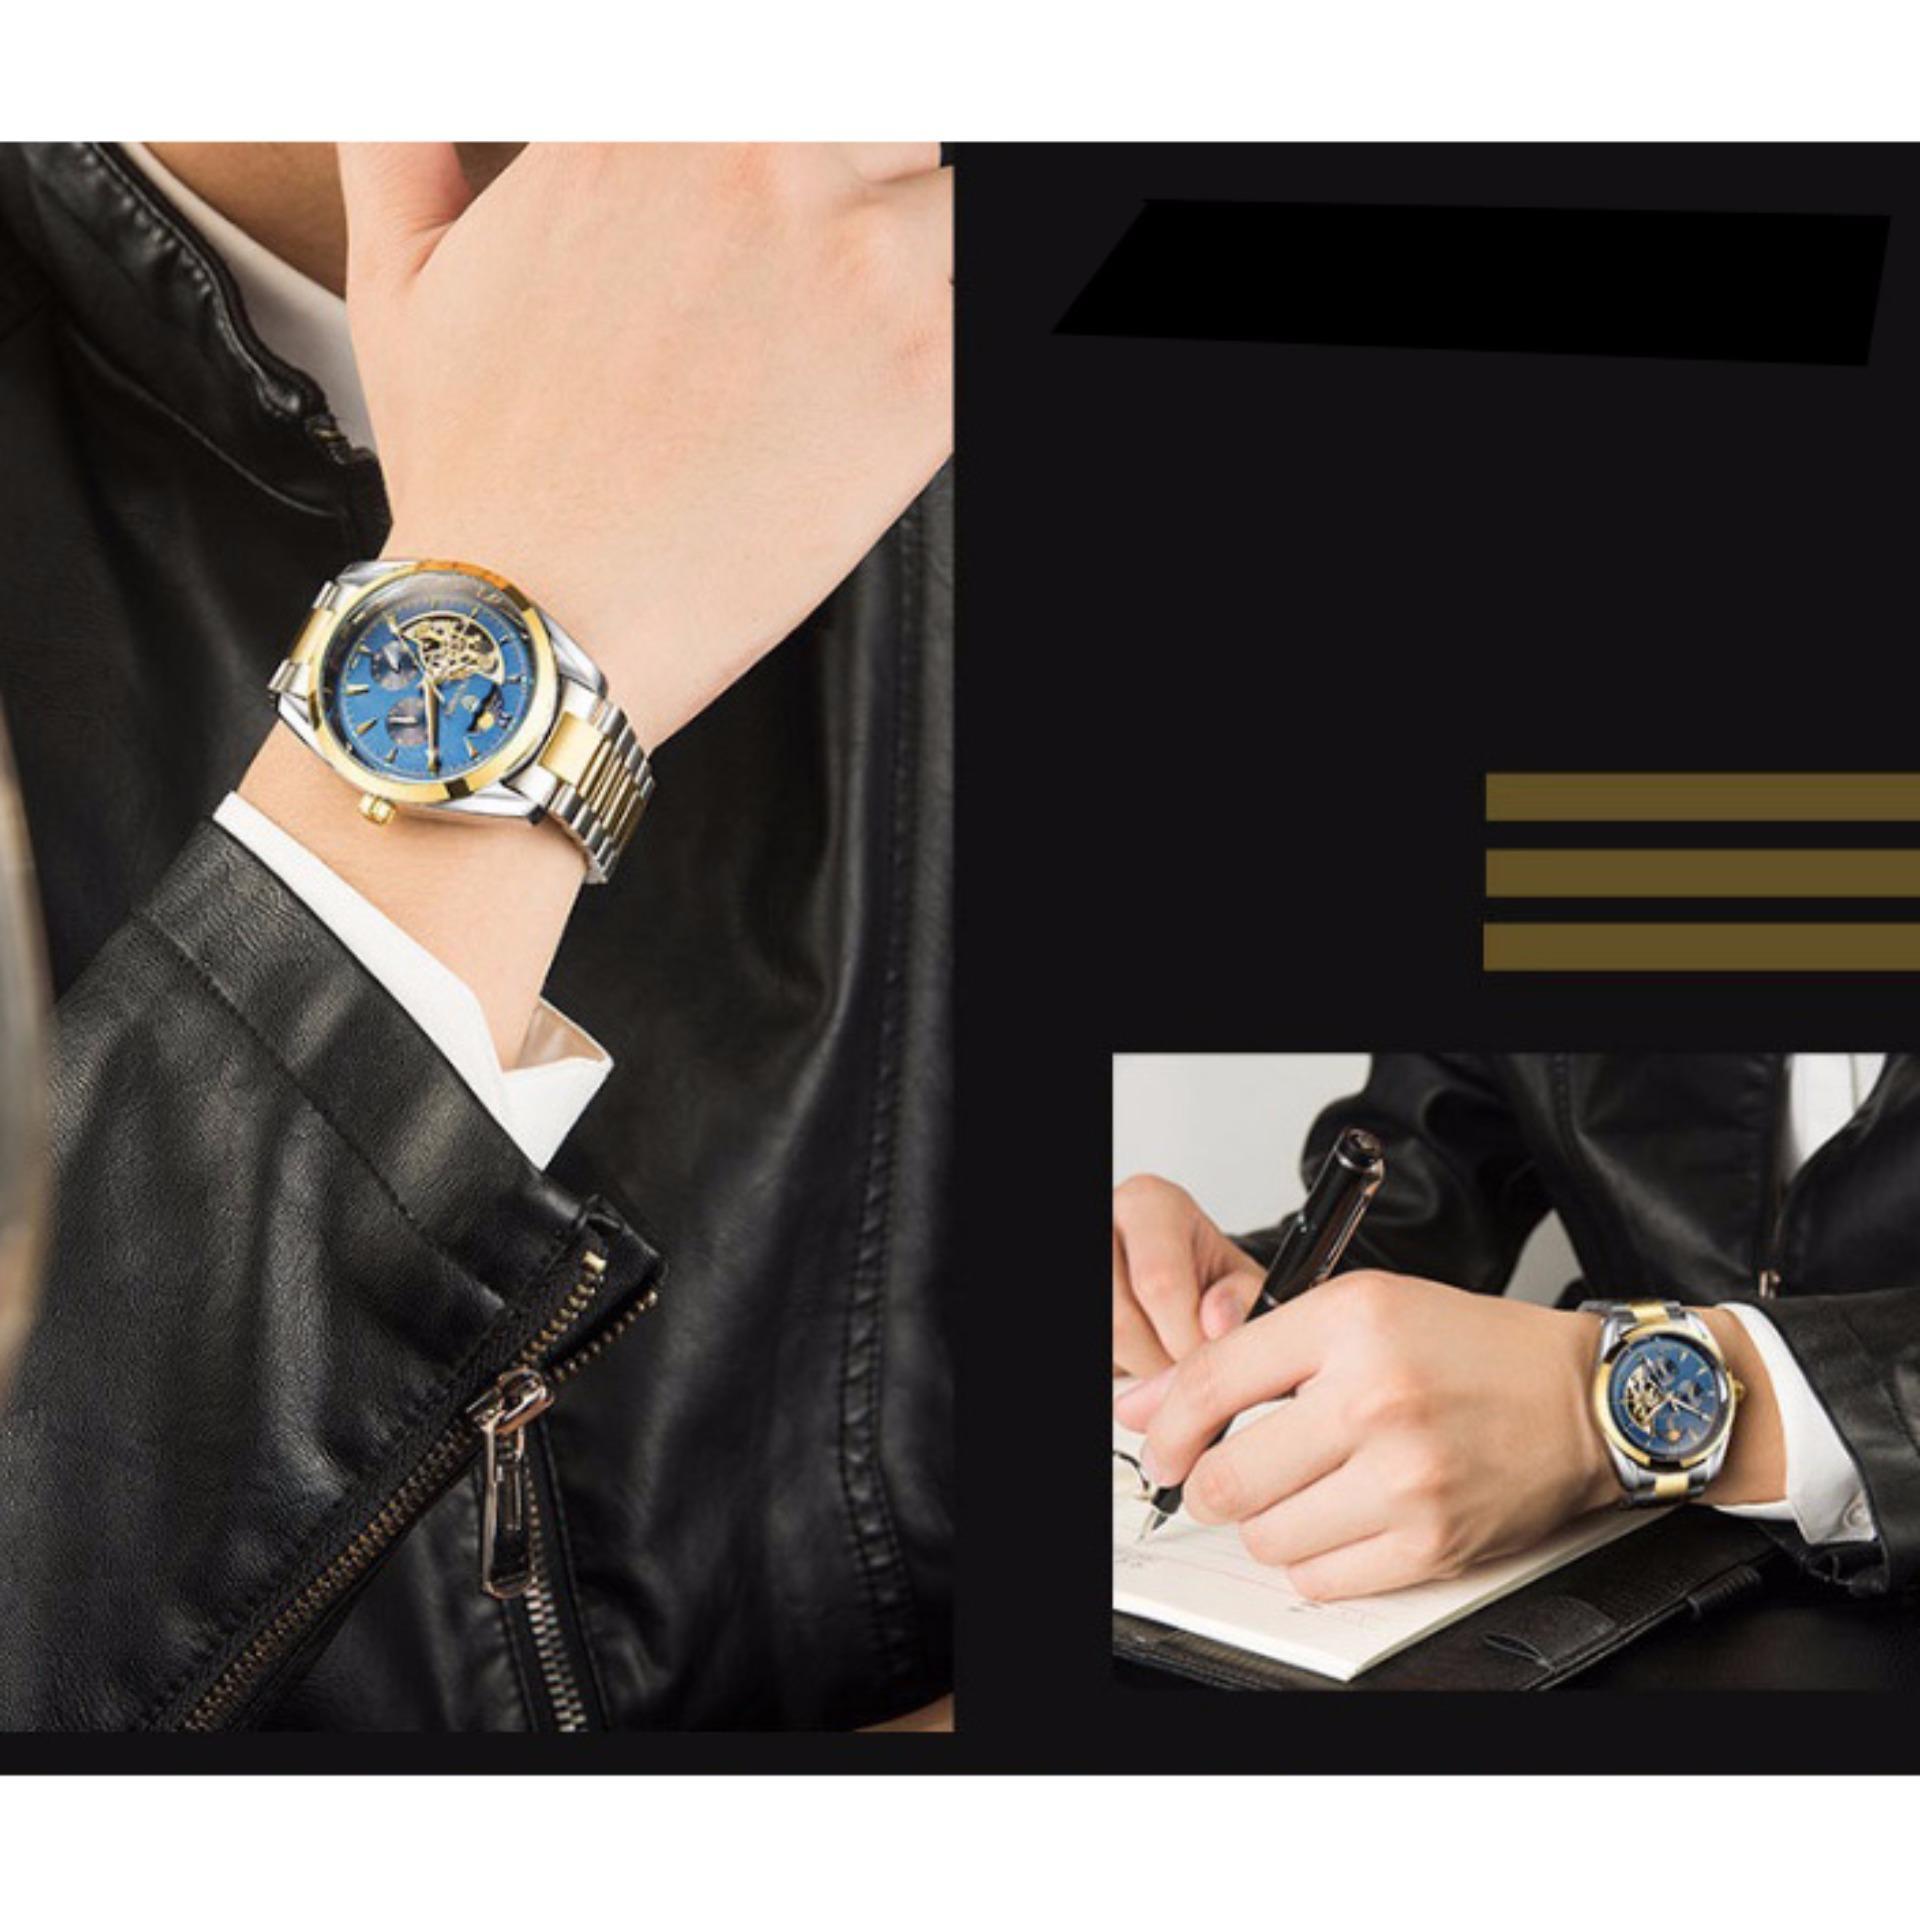 Đồng hồ cơ nam Tevise 795A chạy full kim (Xanh)